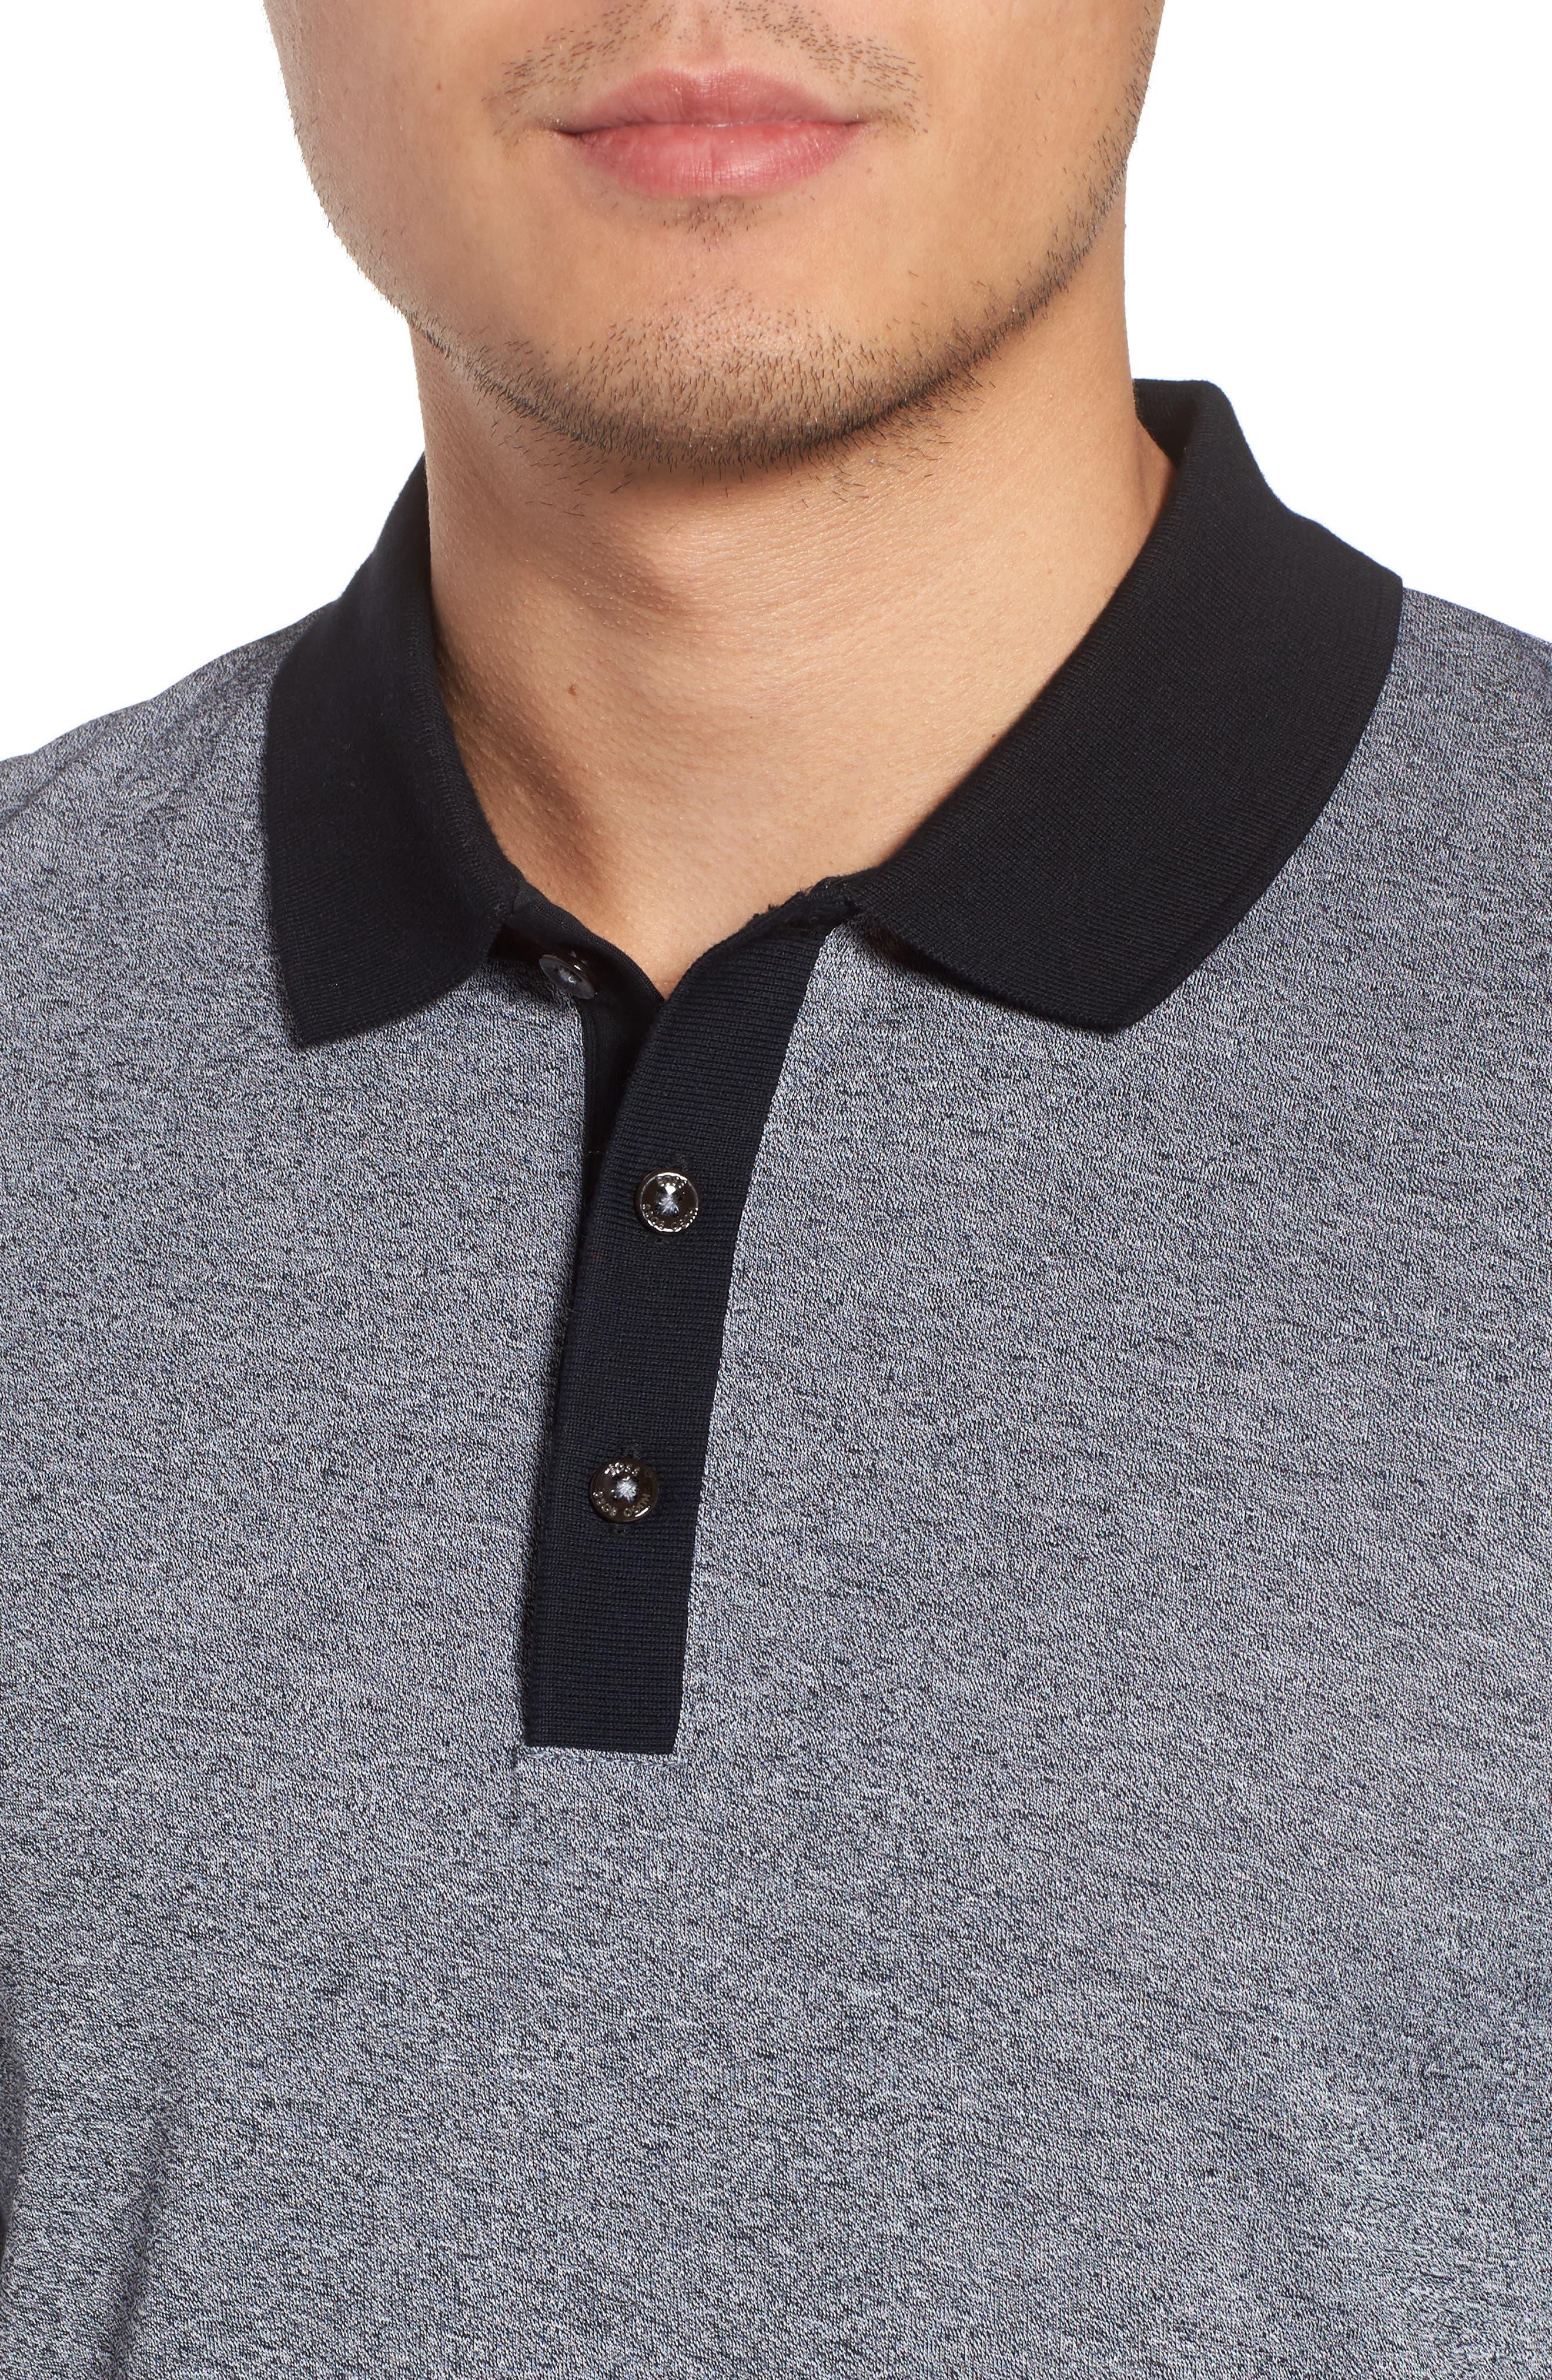 Paschal Mouline Slim Fit Polo Shirt,                             Alternate thumbnail 4, color,                             001